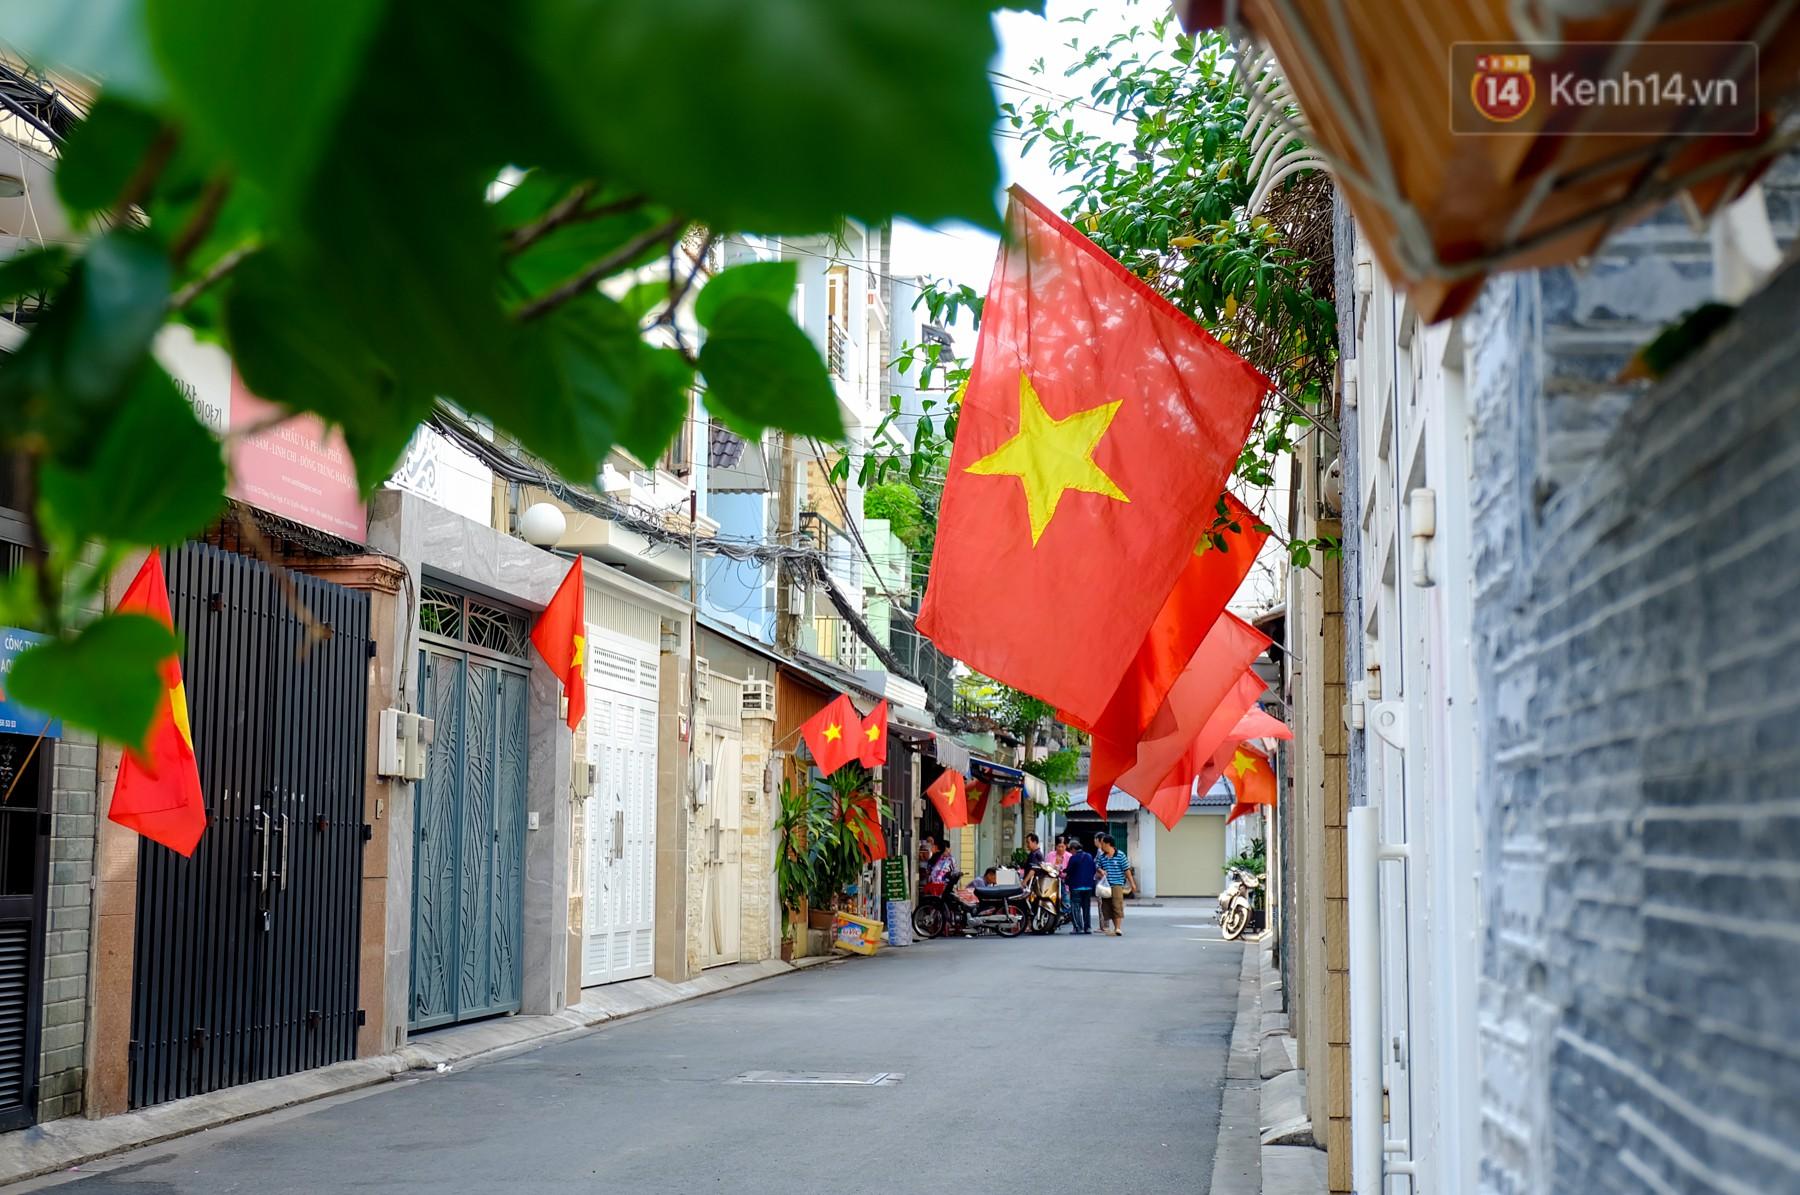 Chùm ảnh: Những ngày này, có một Sài Gòn tĩnh lặng lạ thường khi người dân đã rủ nhau đi trốn - Ảnh 10.